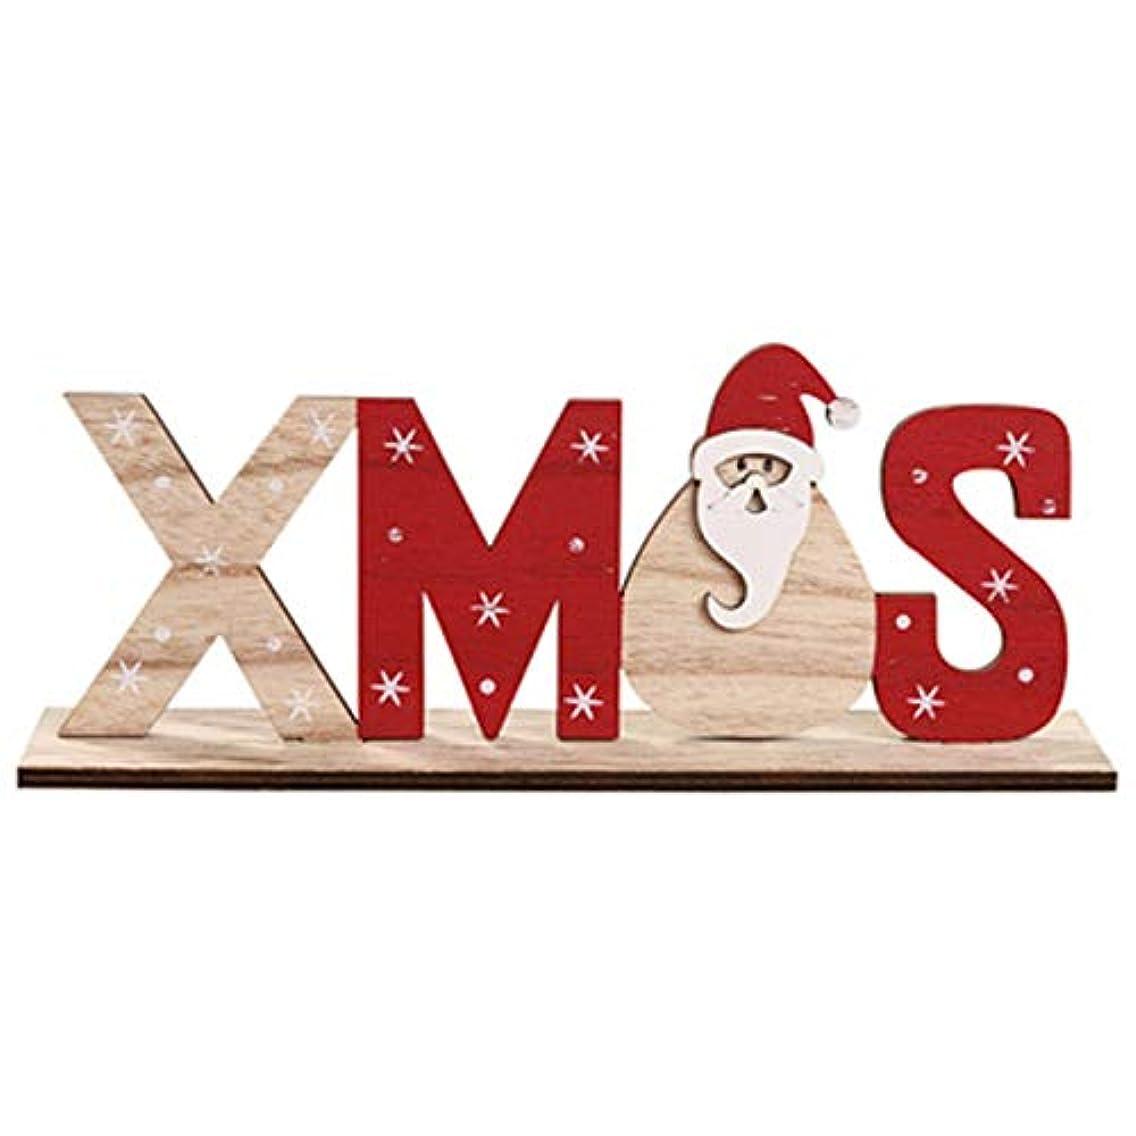 三番本困難クリスマスパーティーの家の休日のテーブルのために耐久の木製の手紙の装飾の装飾